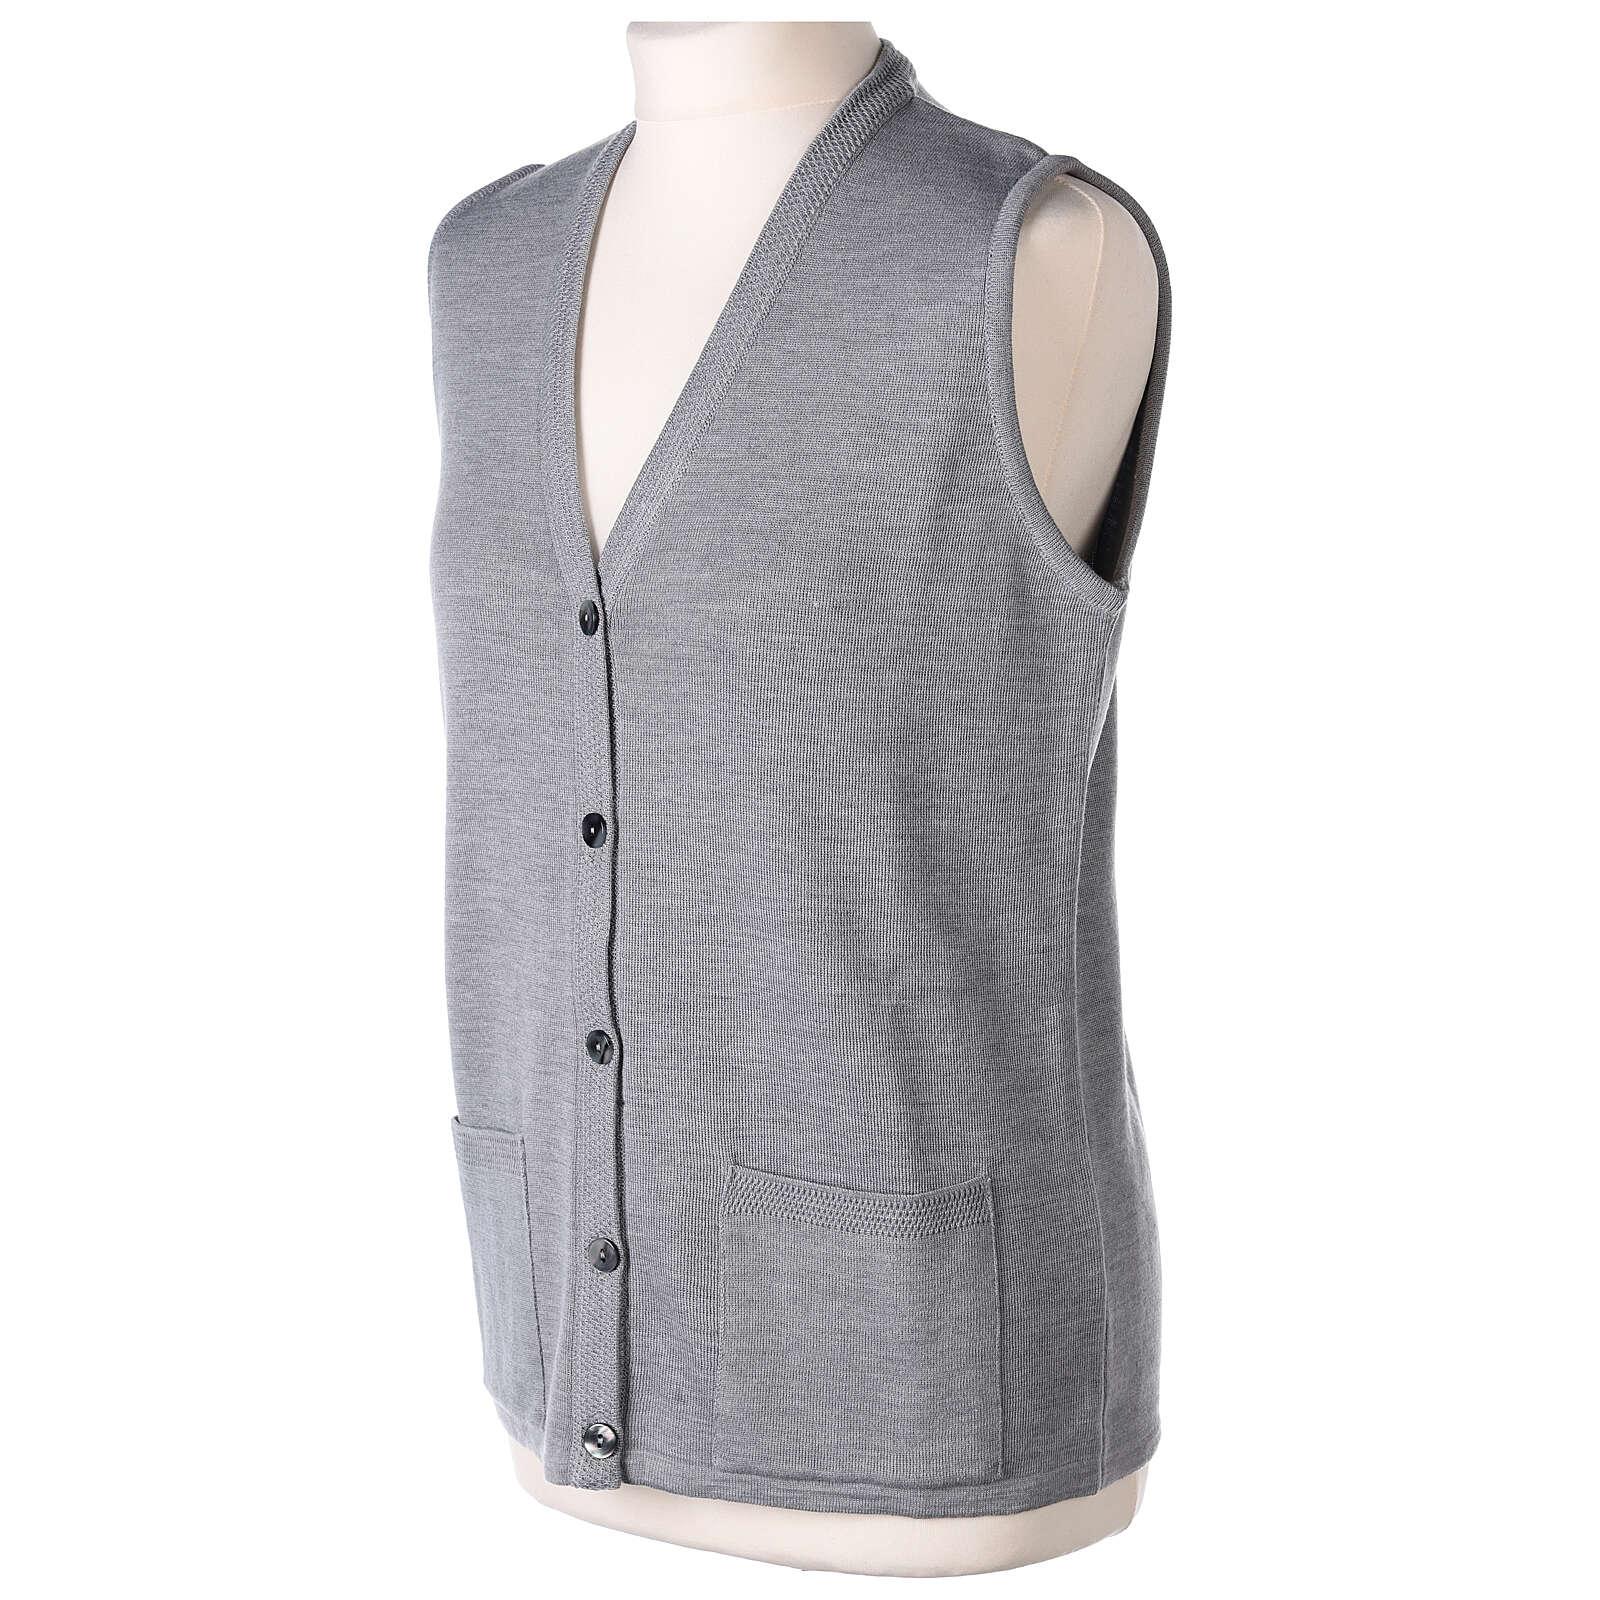 Gilet gris perle pour soeur avec poches col en V 50% acrylique 50% laine mérinos In Primis 4